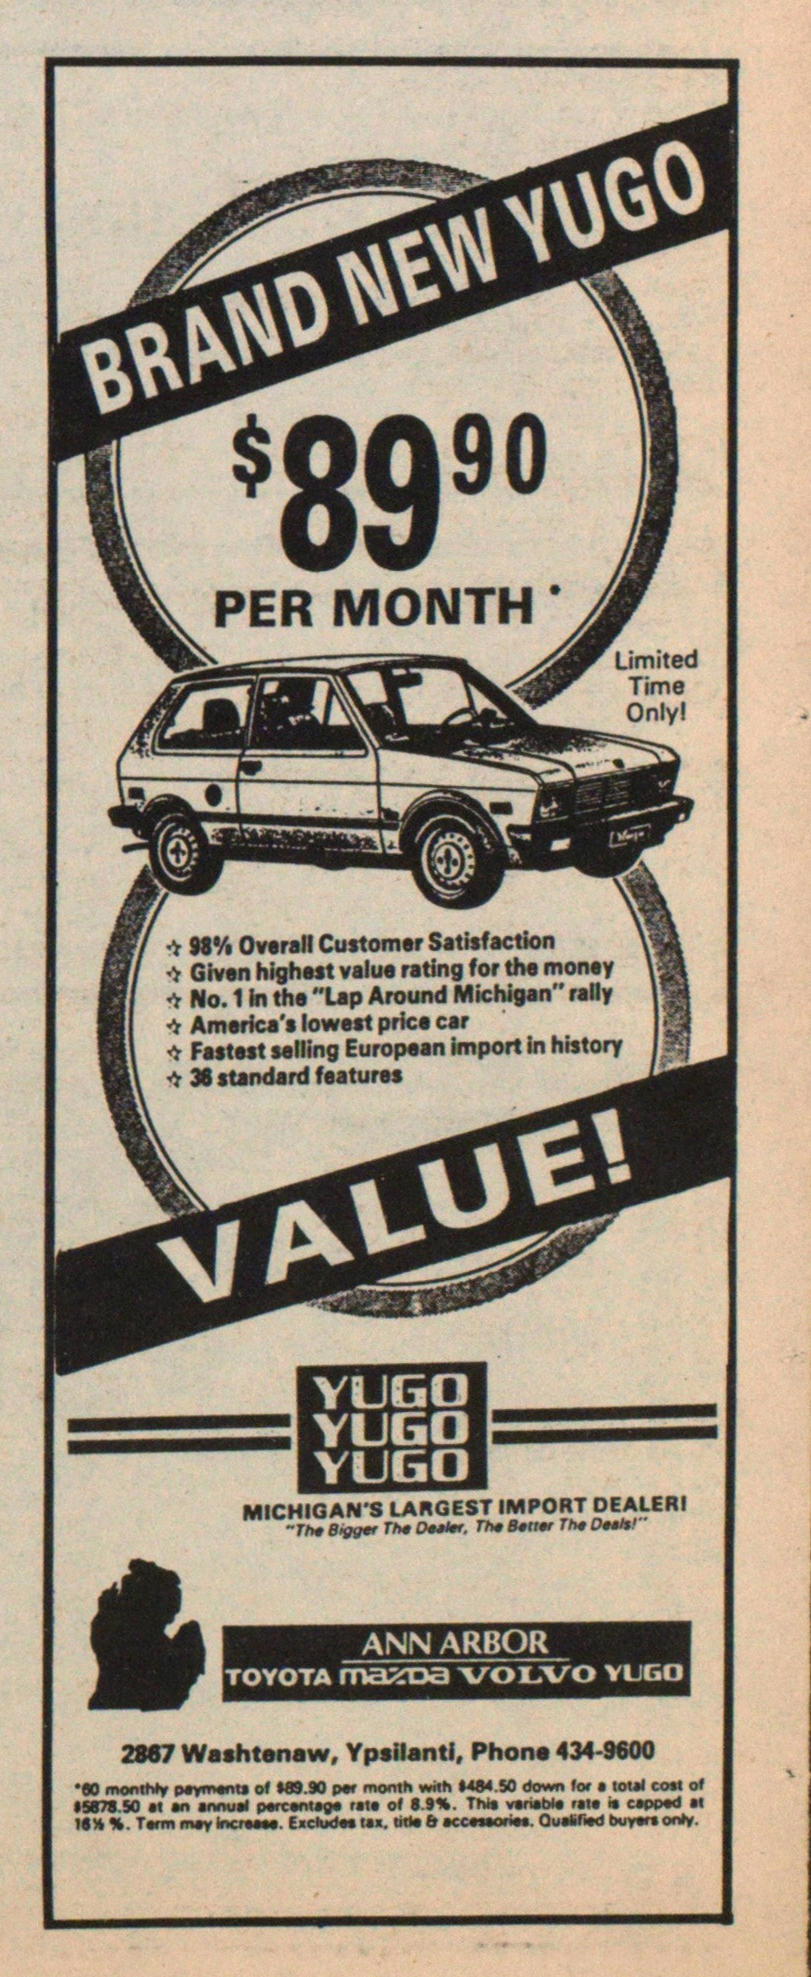 Ann Arbor Toyota Mazda Volvo Yugo Image